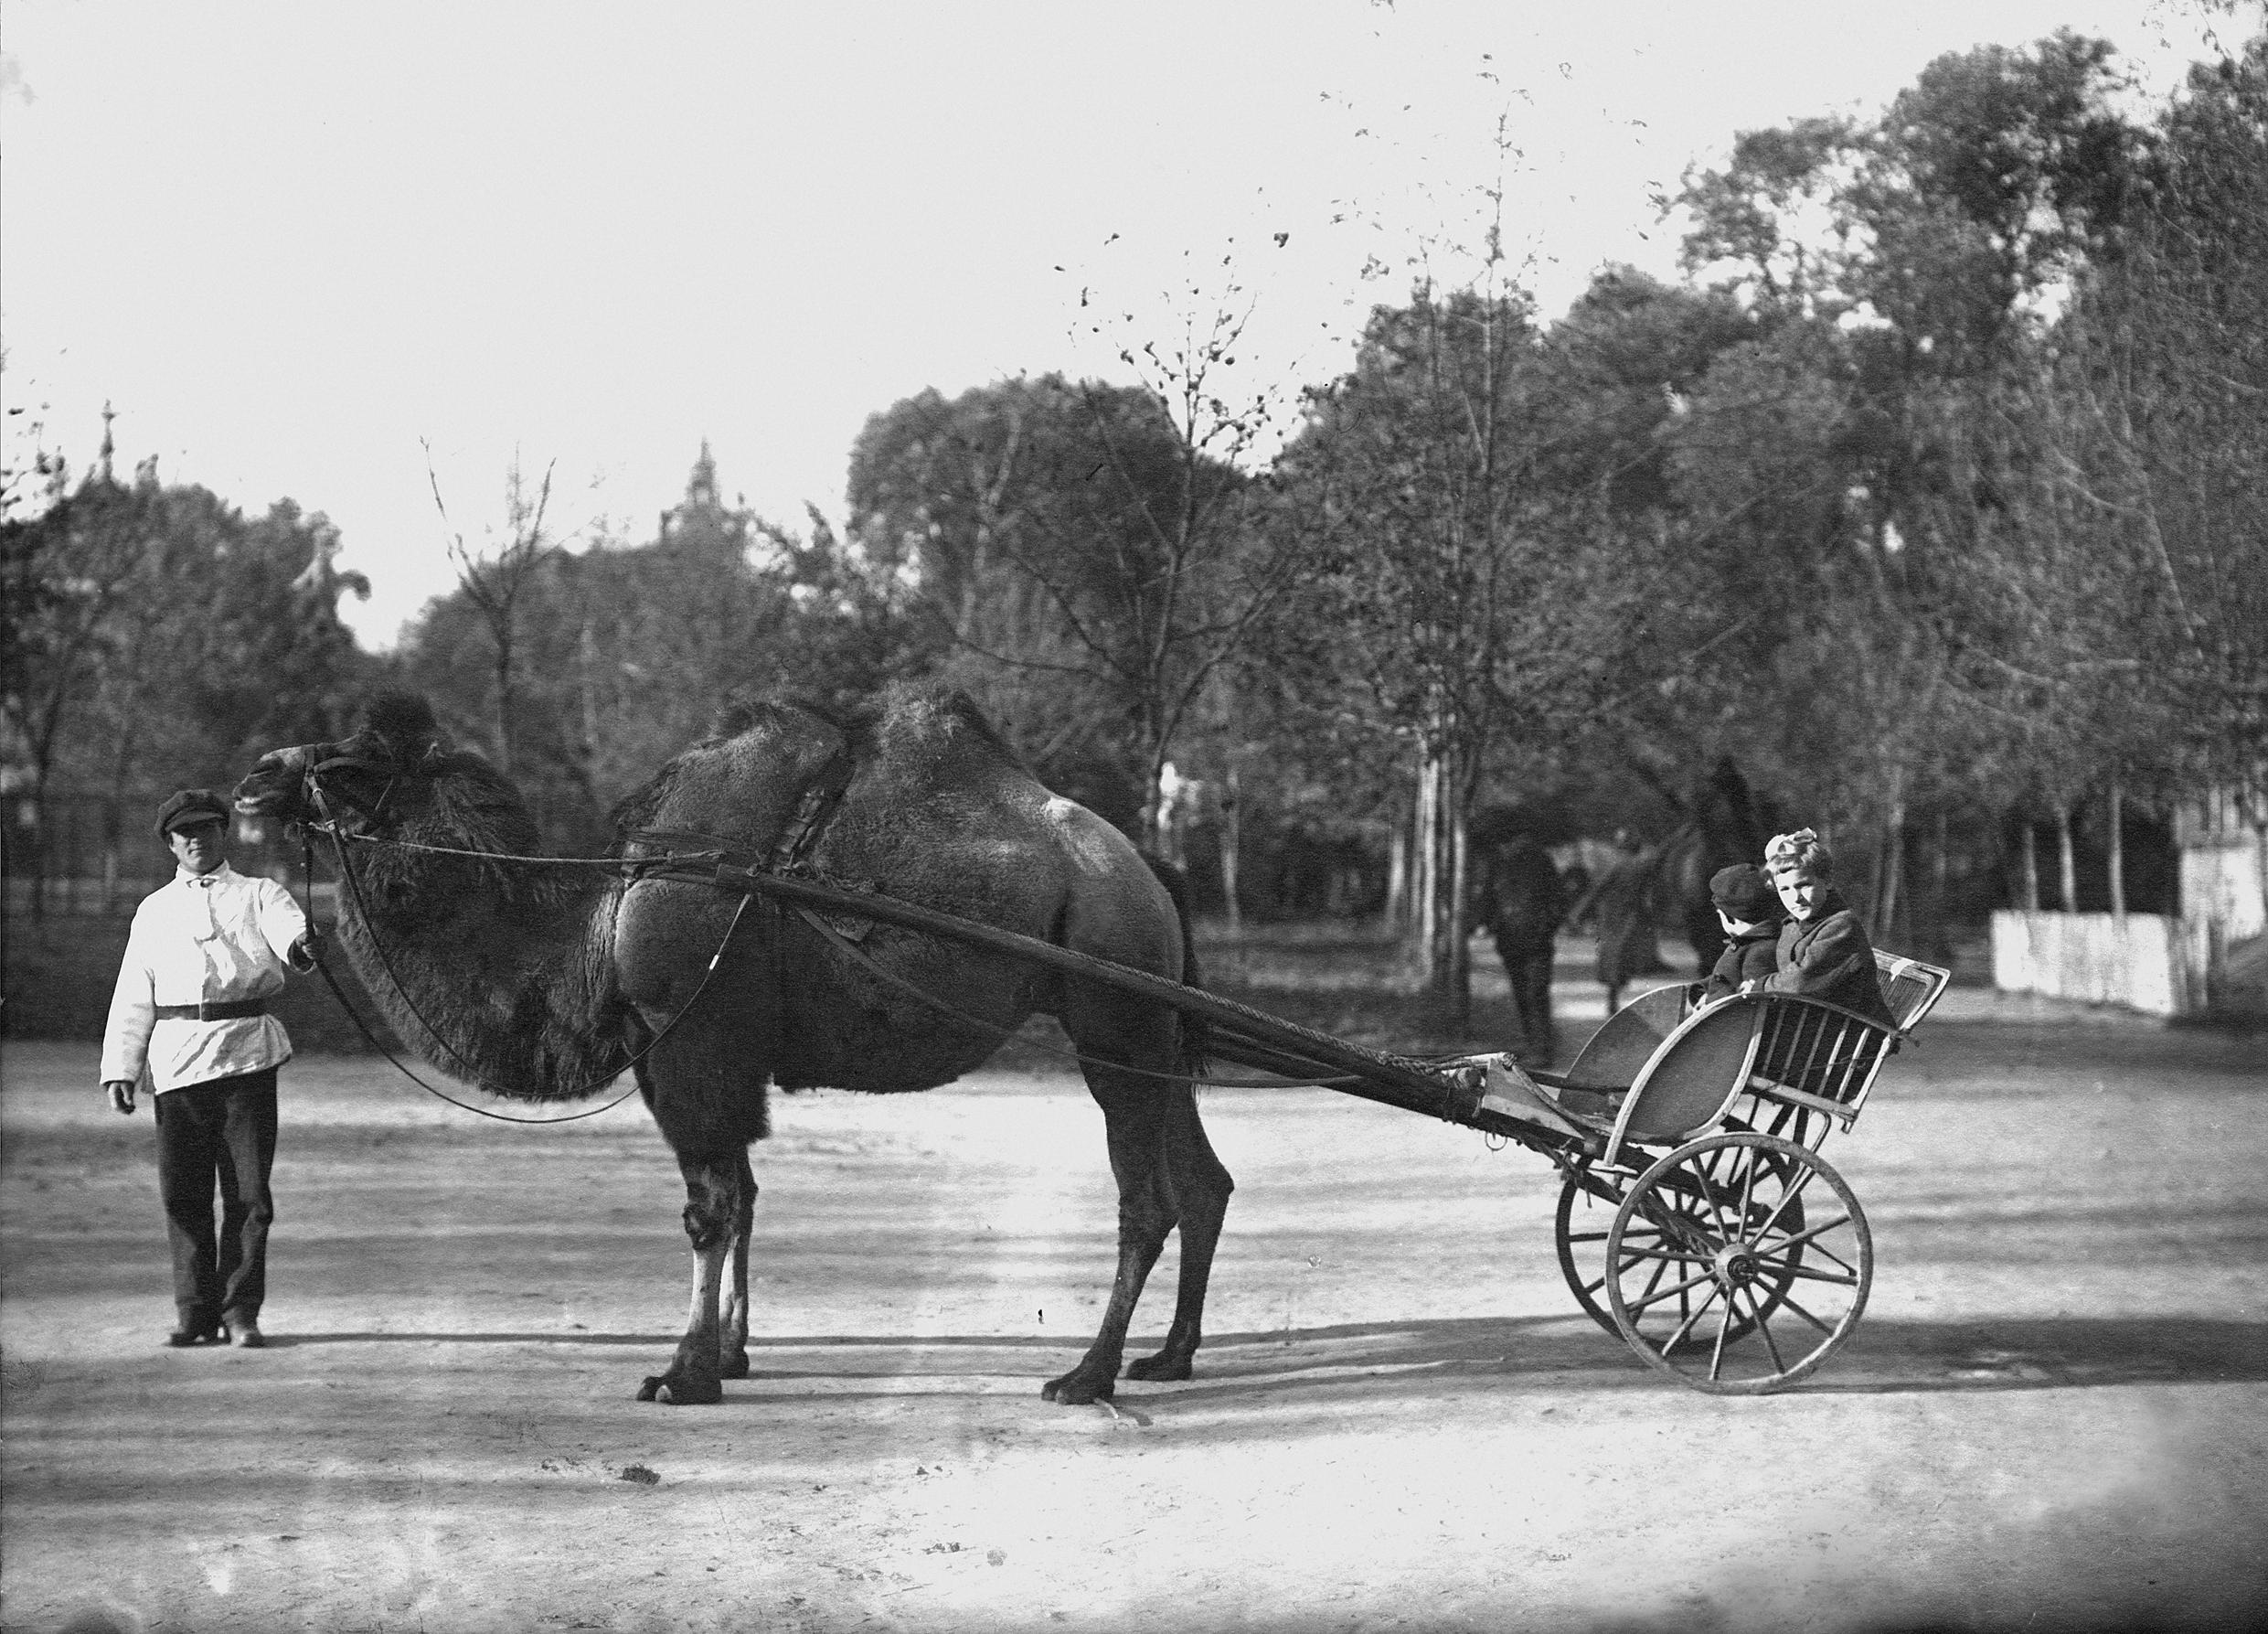 Катание детей на верблюдах, 1924 год. Фото: архив Московского зоопарка.